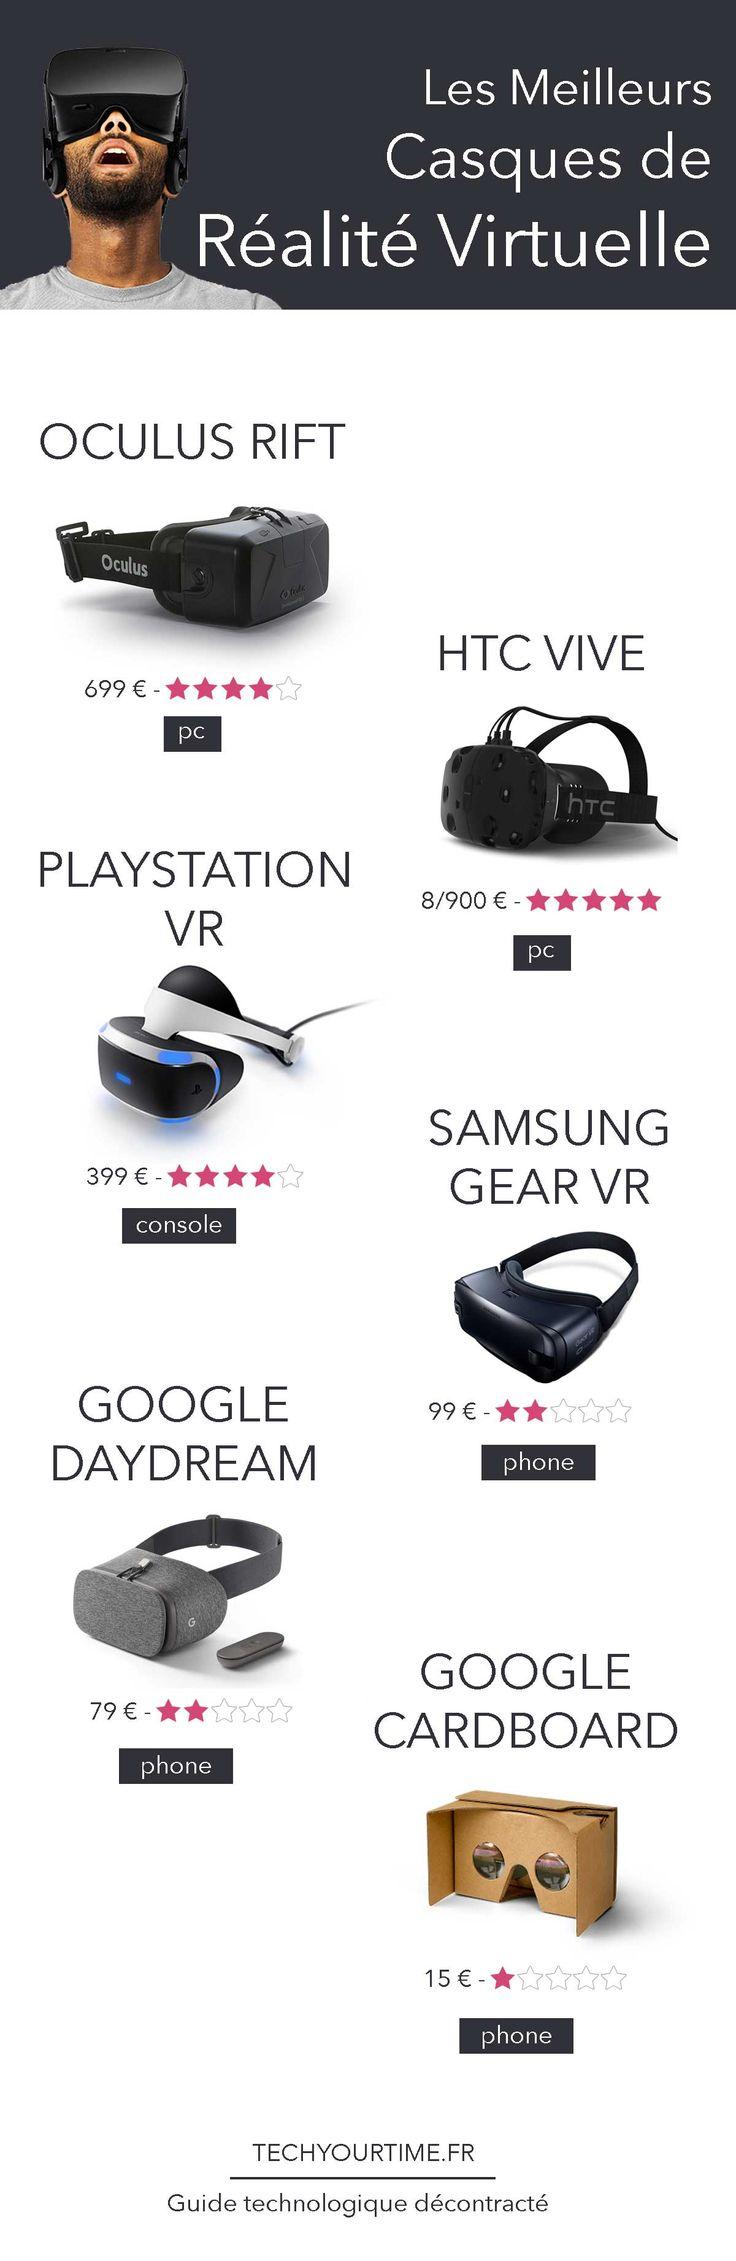 Aujourd'hui, les meilleurs ambassadeurs de la réalité virtuelle sont les casques. Utilisés dans les jeux, le tourisme, le médical, les casques de réalité virtuelle sont à la disposition du grand public à des prix plus ou moins abordables.  Partons donc à la recherche du casque de réalité virtuelle presque-parfait, en commençant par l'oculus rift, puis le HTC vive...